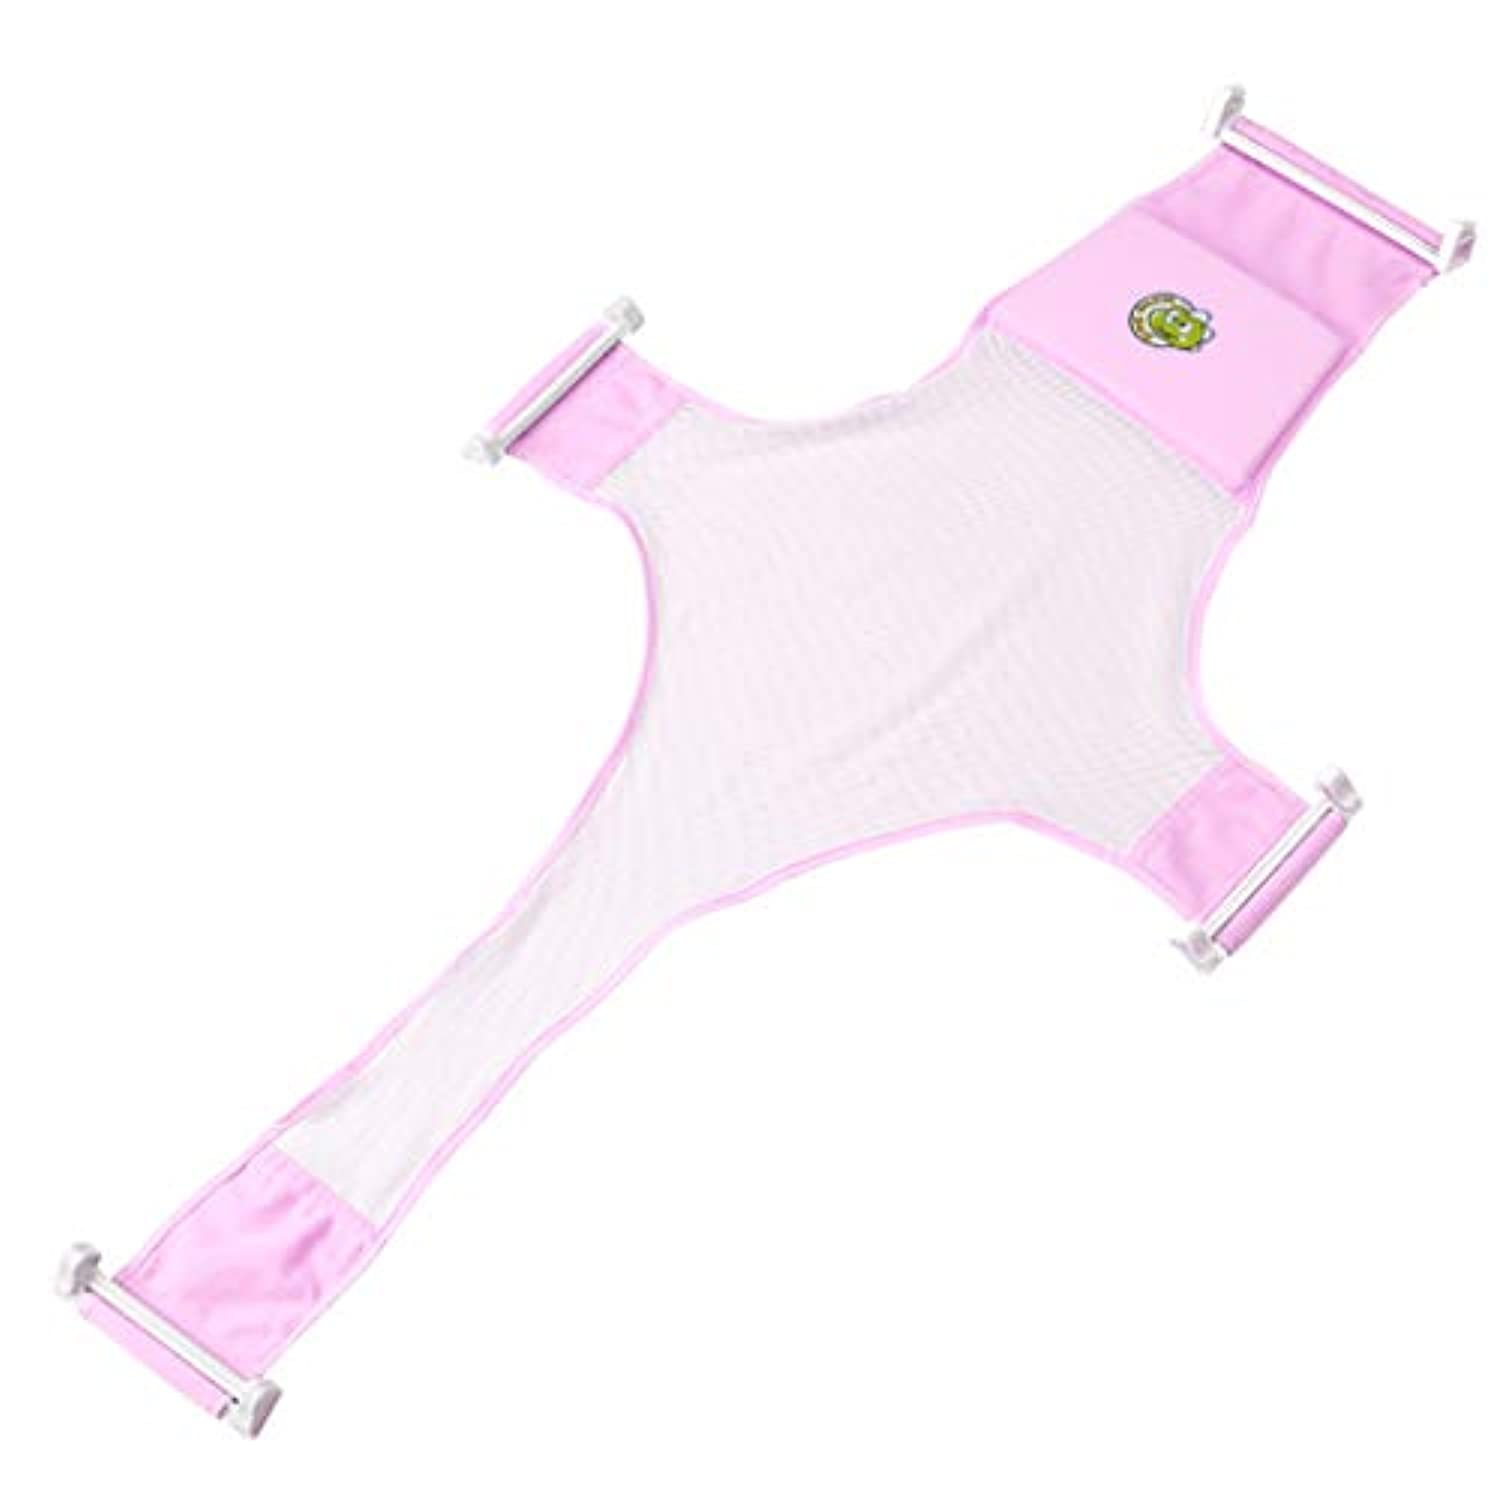 焼くヘルメットアンティークOniorベビー十字架支網 調節可能 座席 支持網 滑り止め 快適 入浴 スタンドサスペンダー ハンモック 柔らかい ピンク